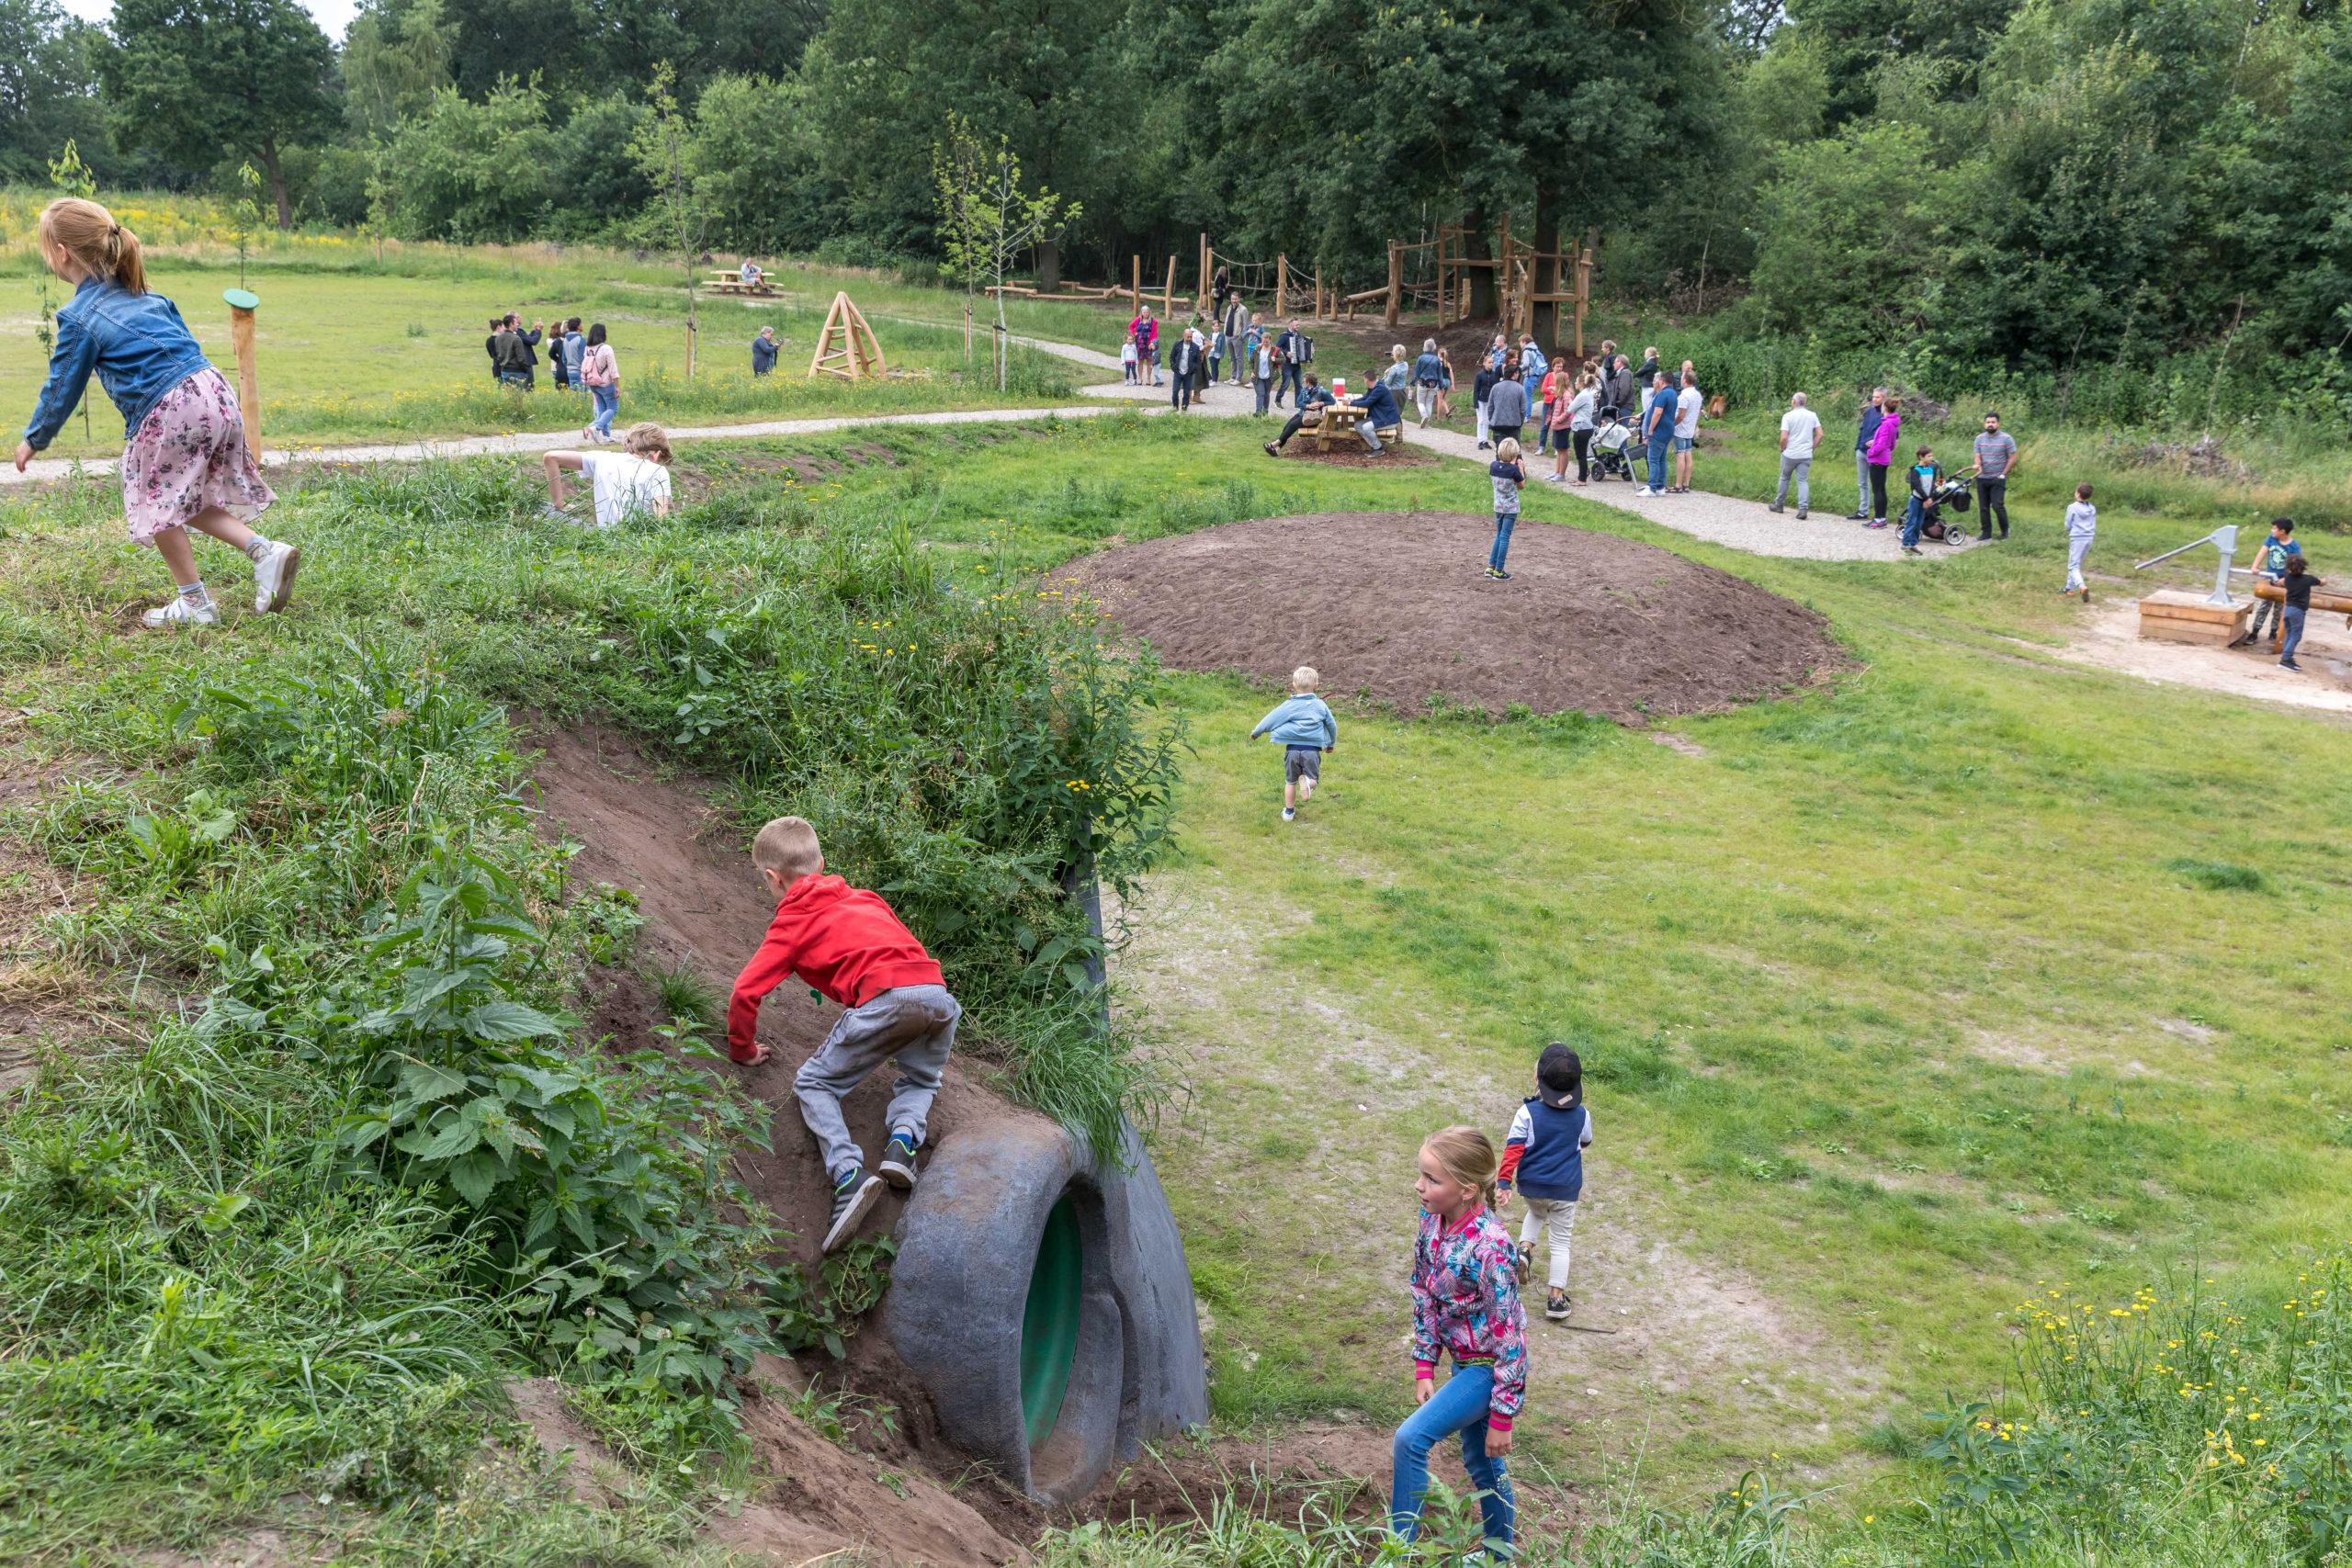 Maashorst Speelbos Uden   10 leuke speeltuinen in Gelderland & Noord-Brabant